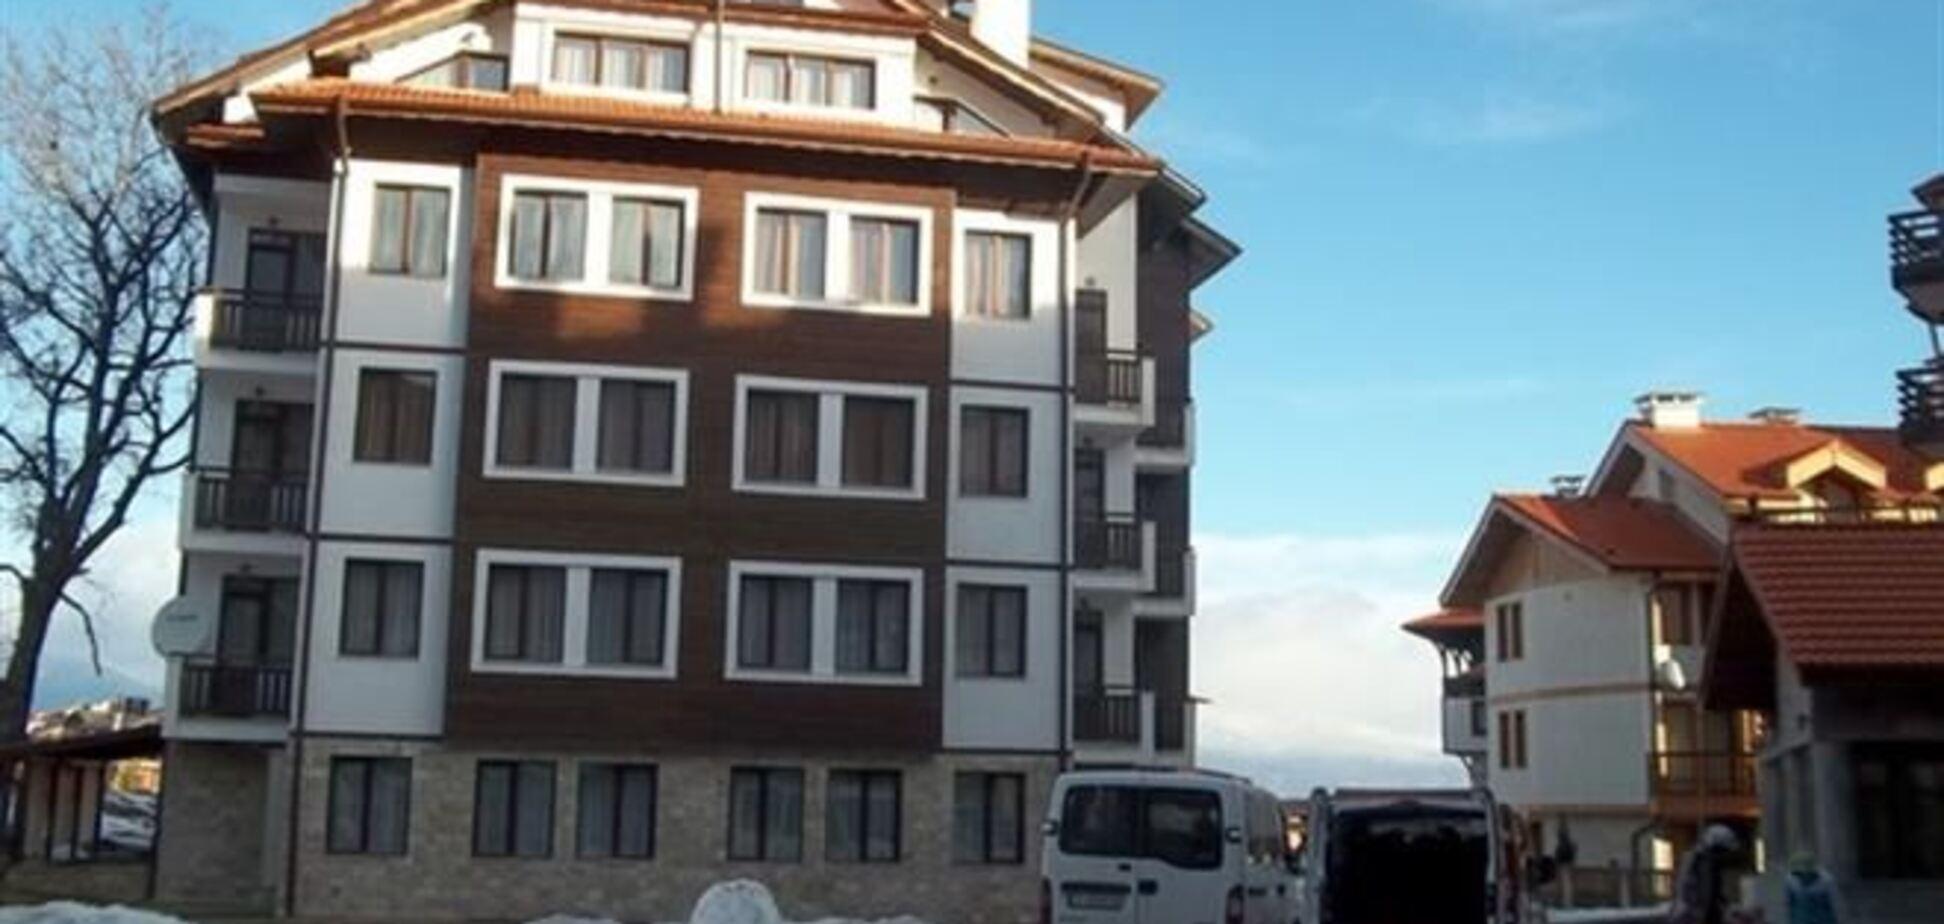 Цены на жилье в Болгарии могут вырасти из-за новых европейских правил проектирования